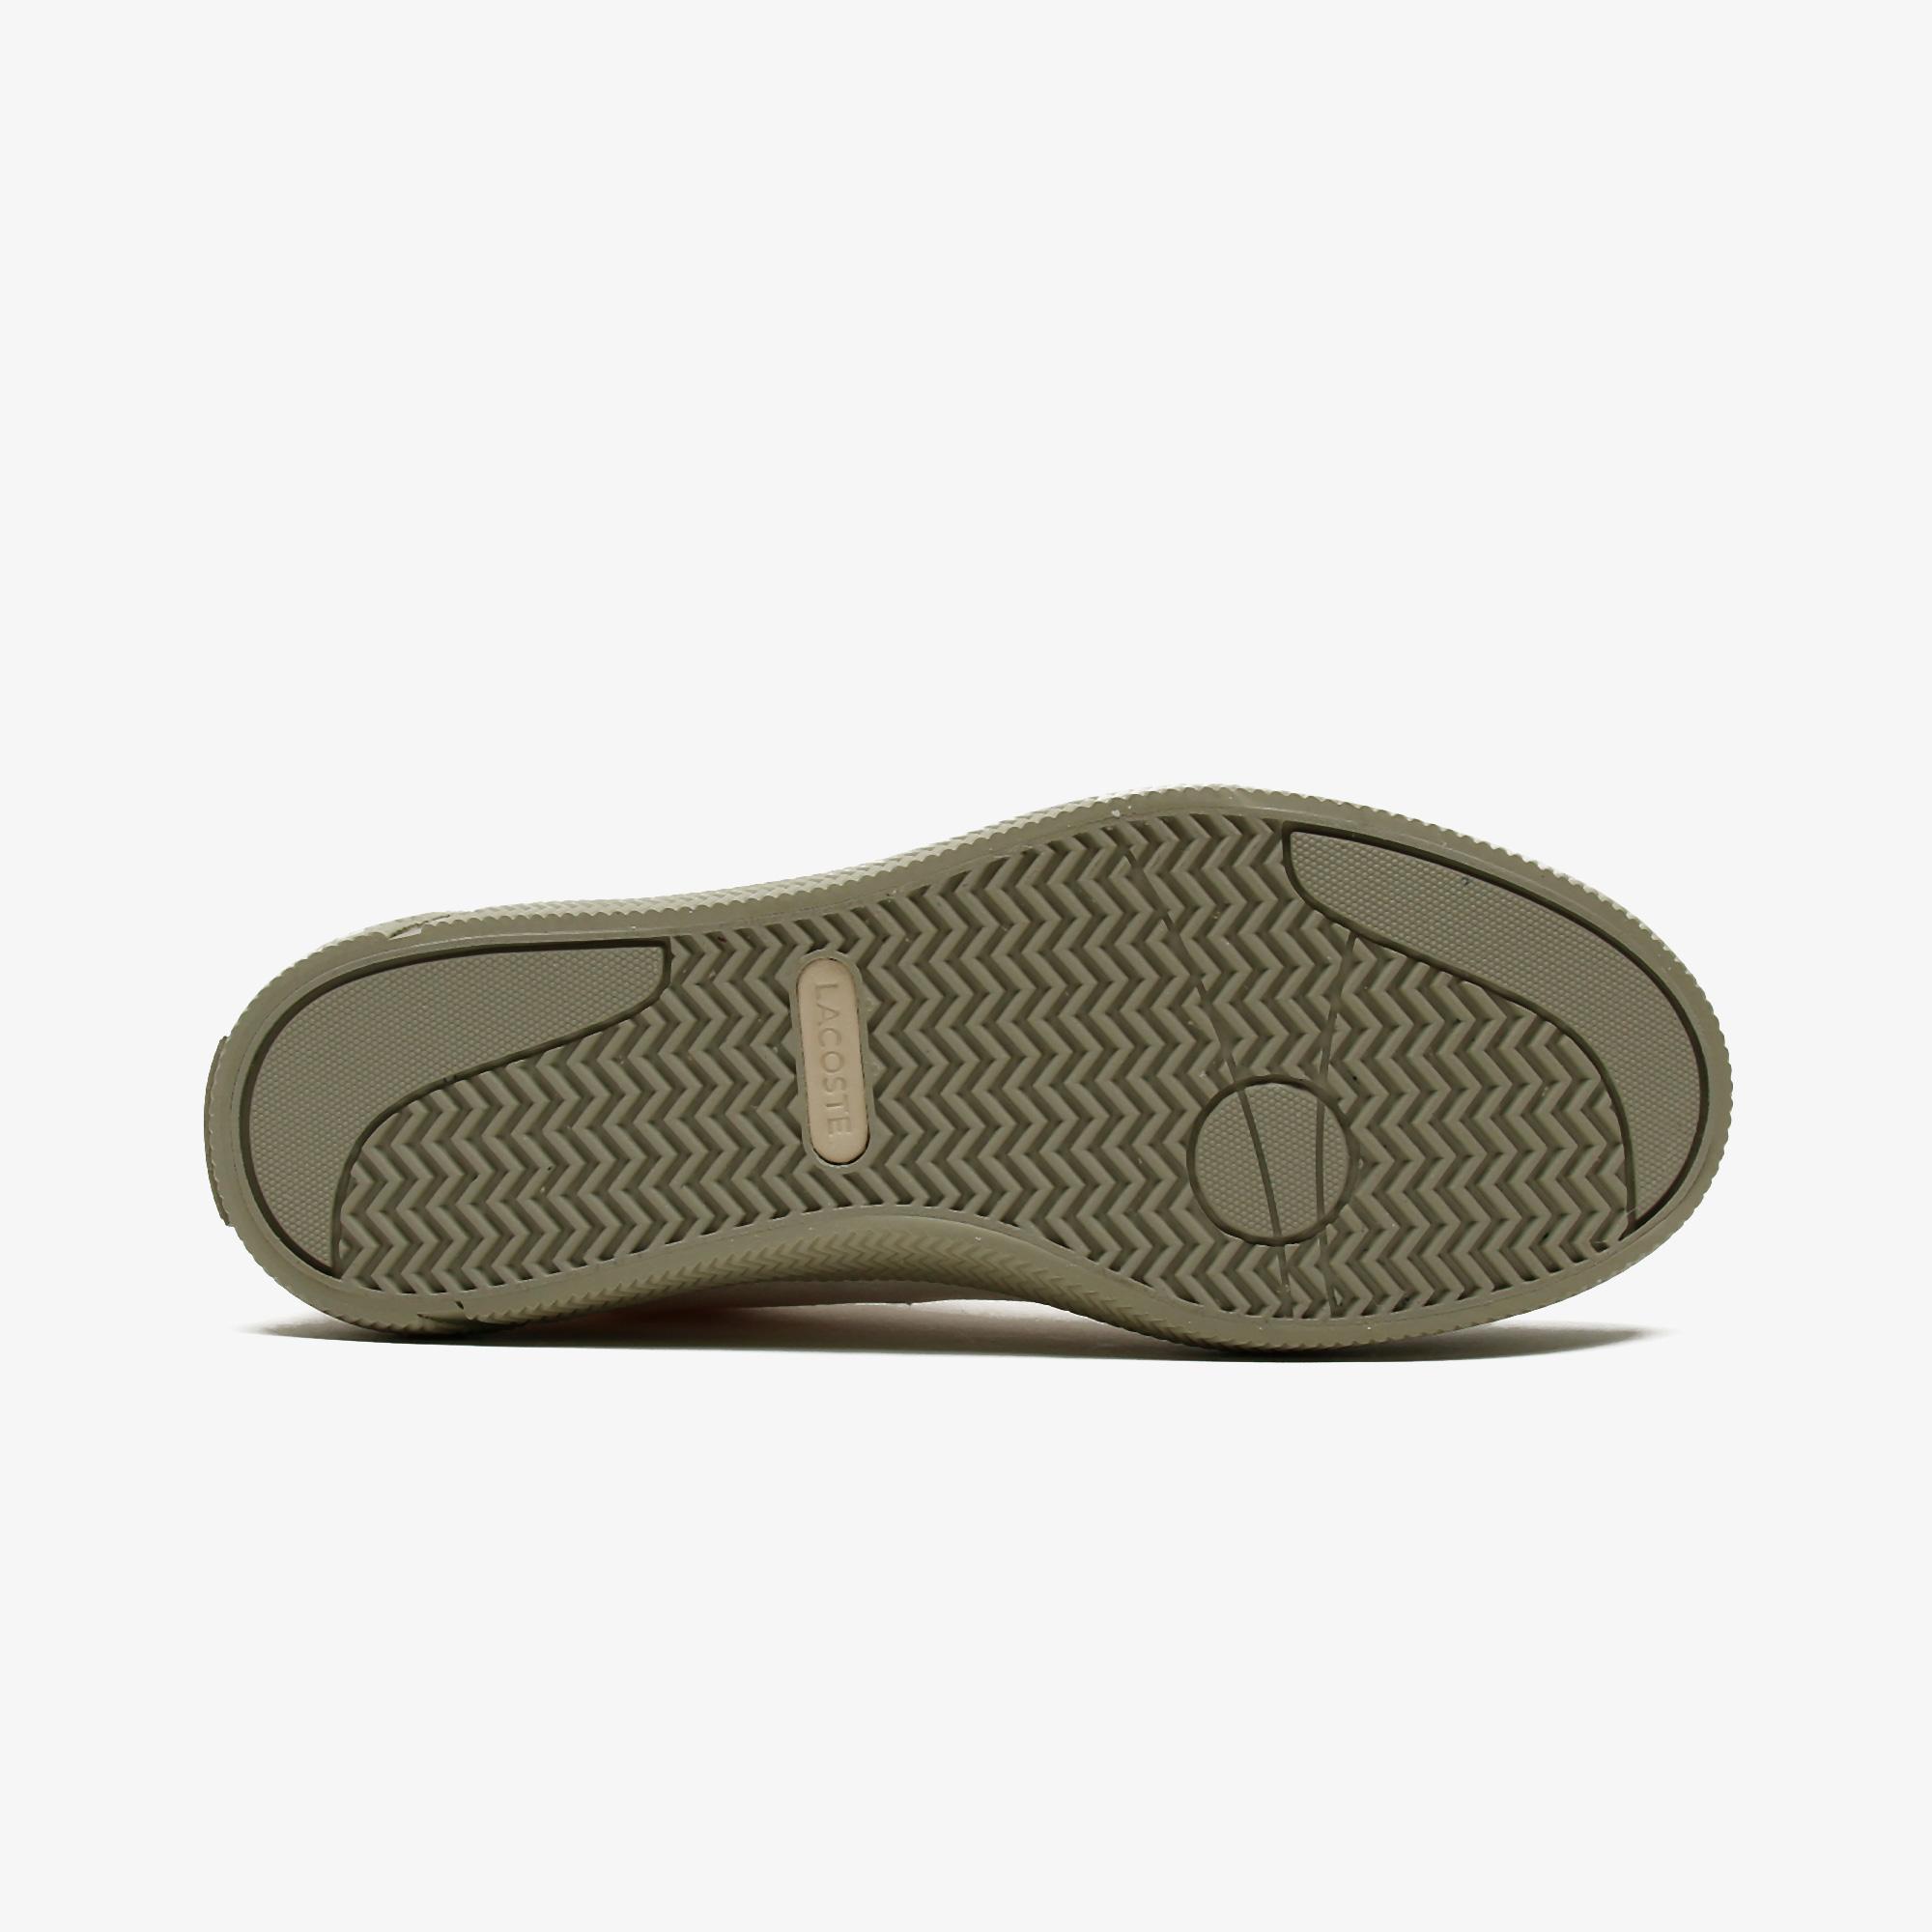 Lacoste Gripshot 1121 1 Cfa Kadın Bej Spor Ayakkabı